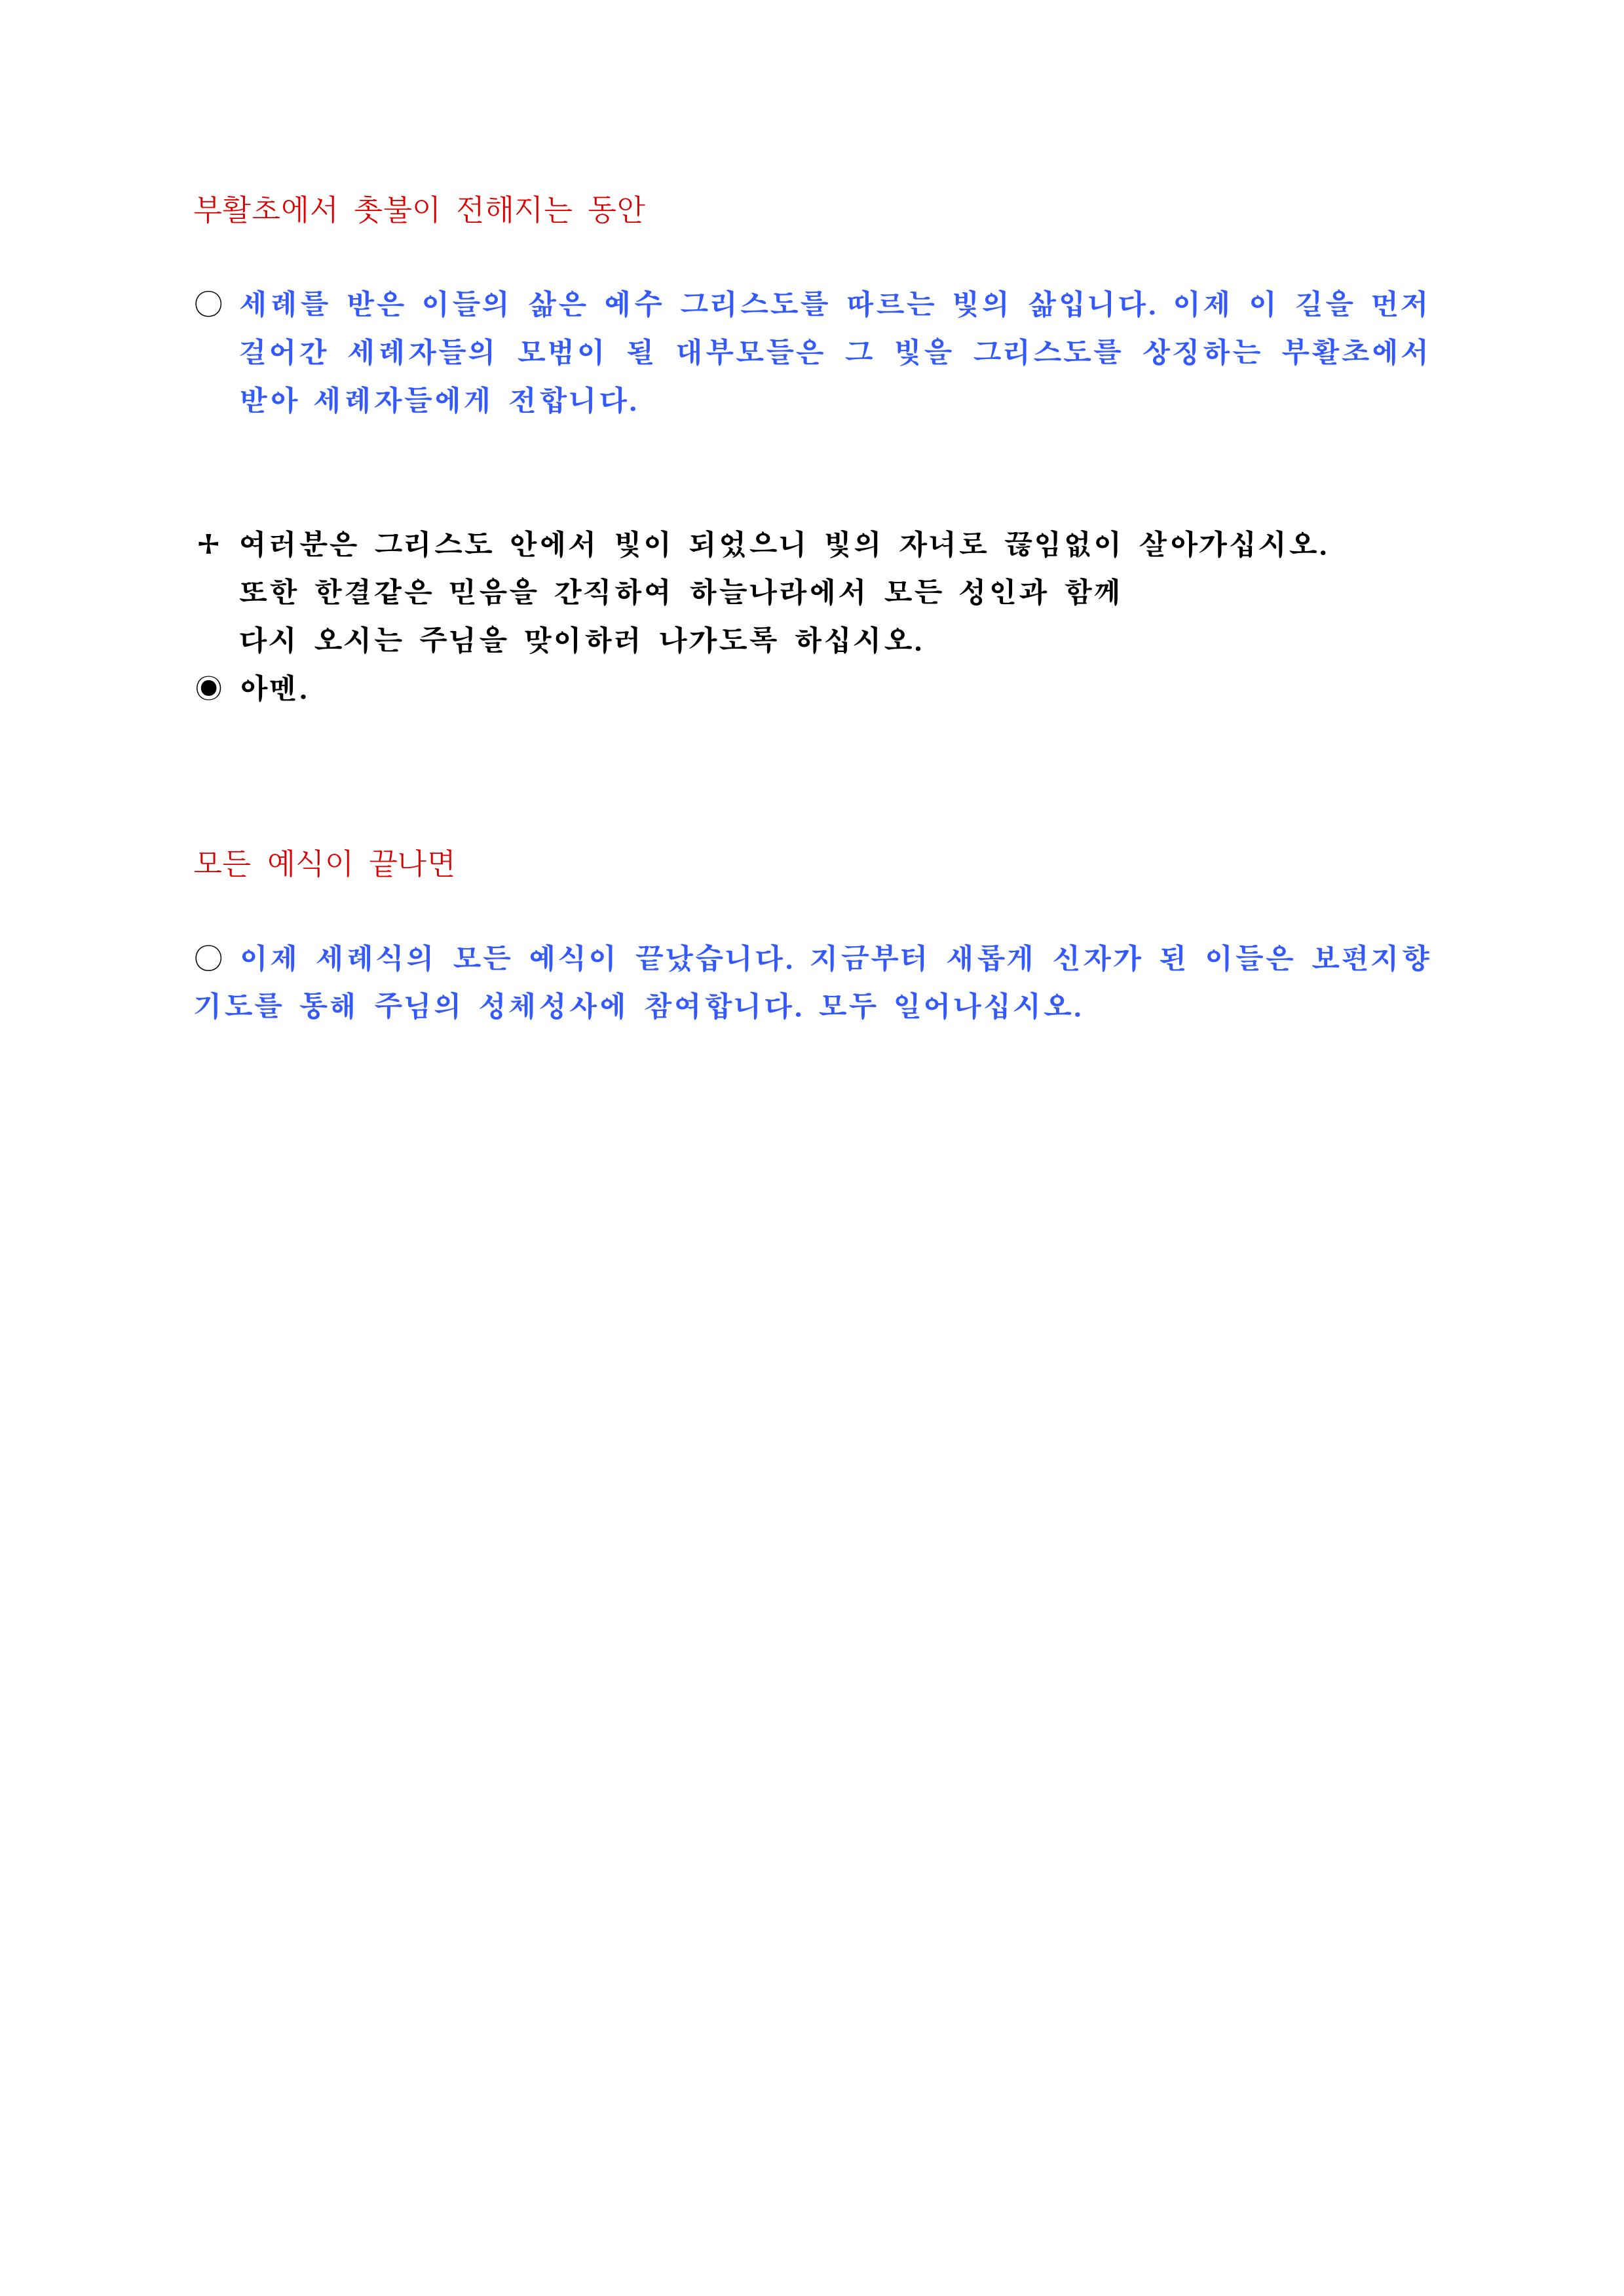 어른 입교 예식(괴정성당용-해설)5.jpg